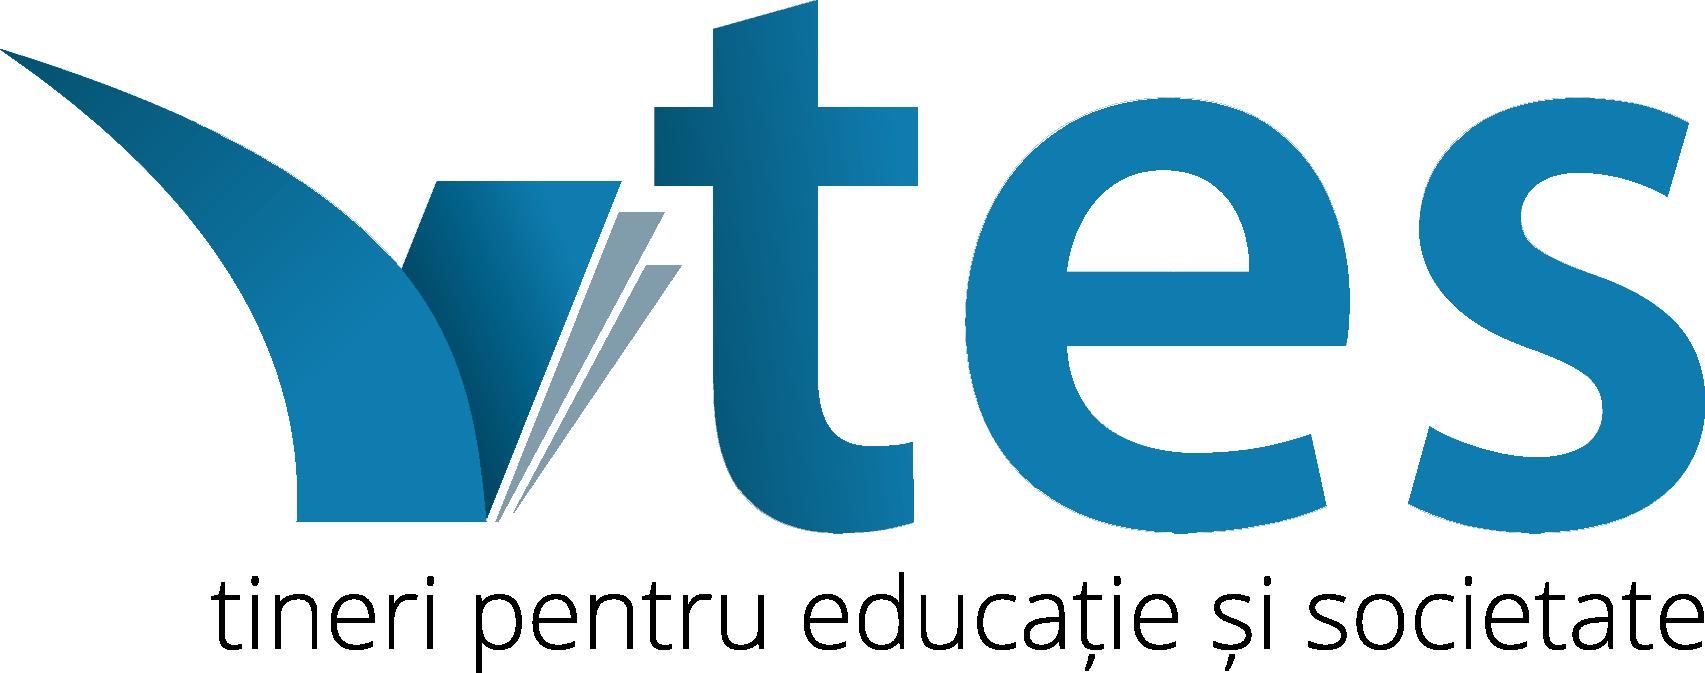 Asociatia Tineri pentru Educatie si Societate logo